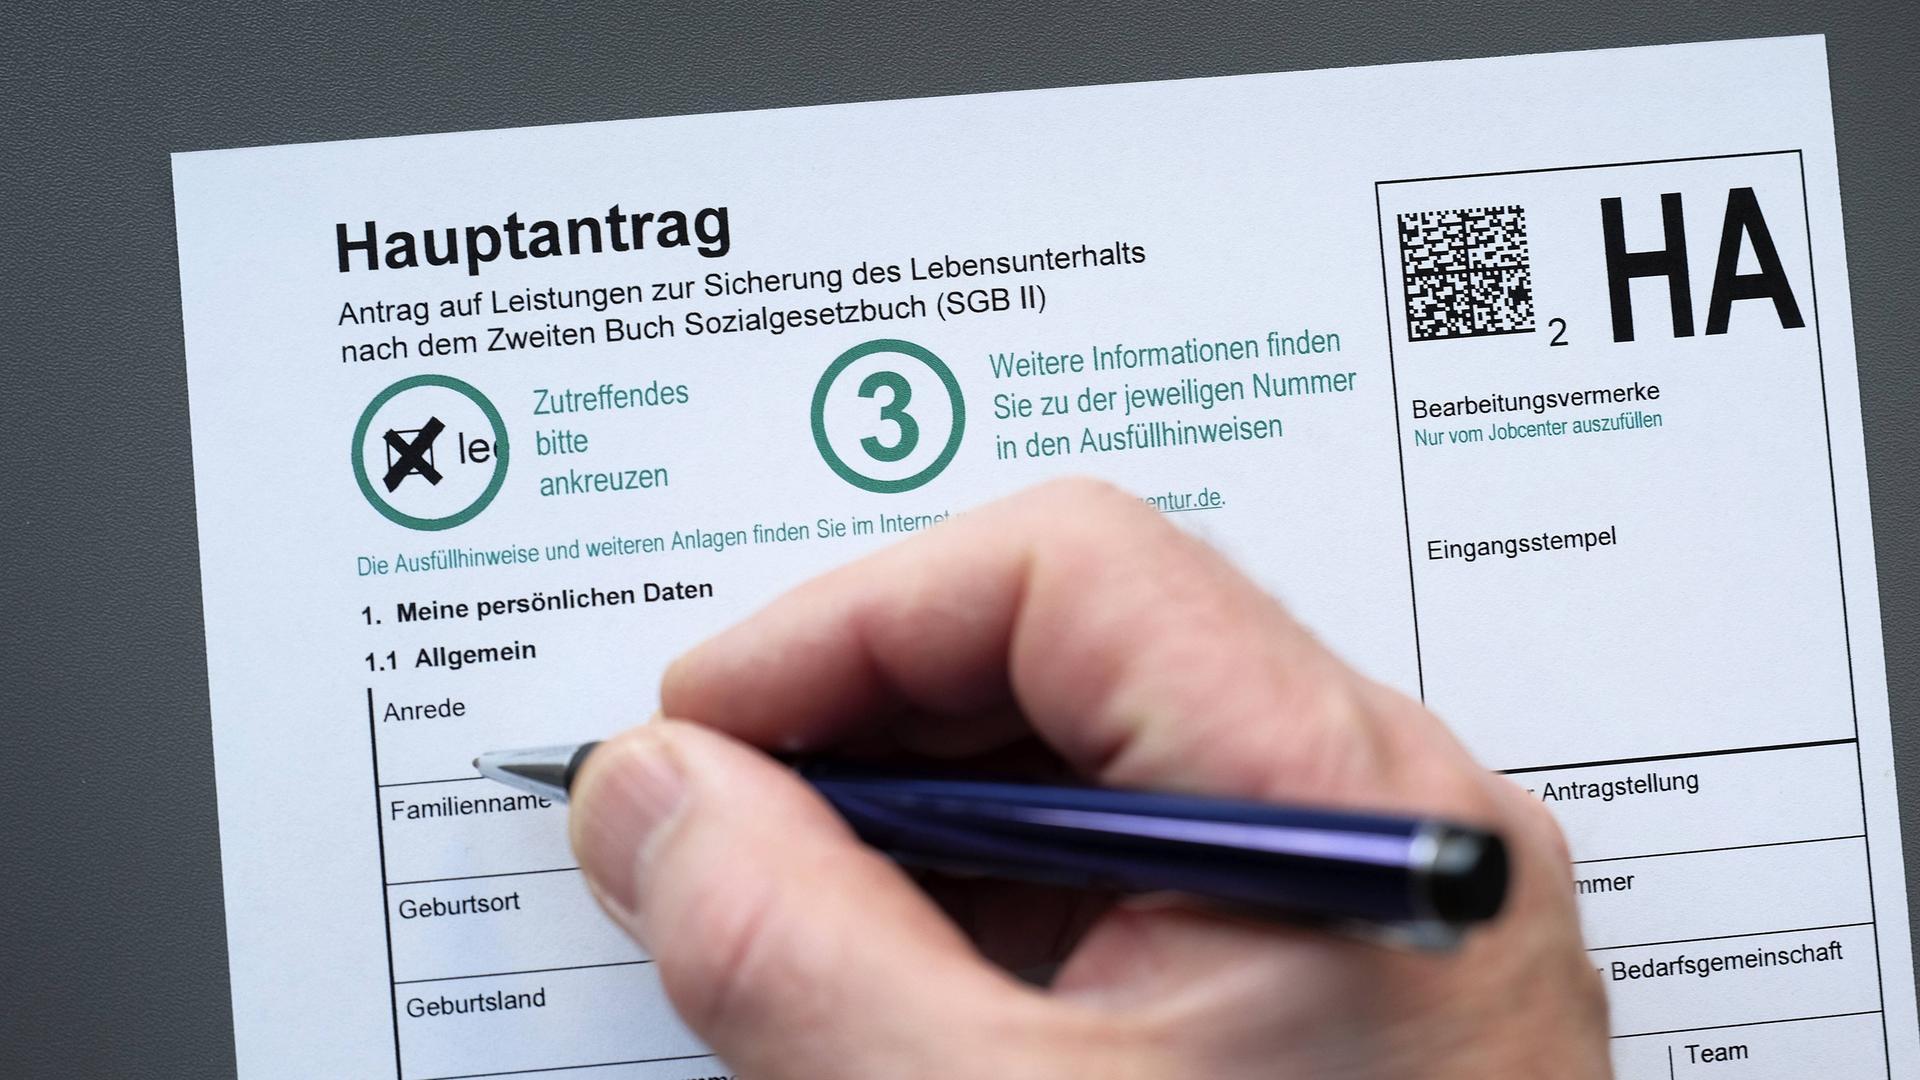 antrag auf arbeitslosengeld ii - Widerspruch Jobcenter Ruckzahlung Muster